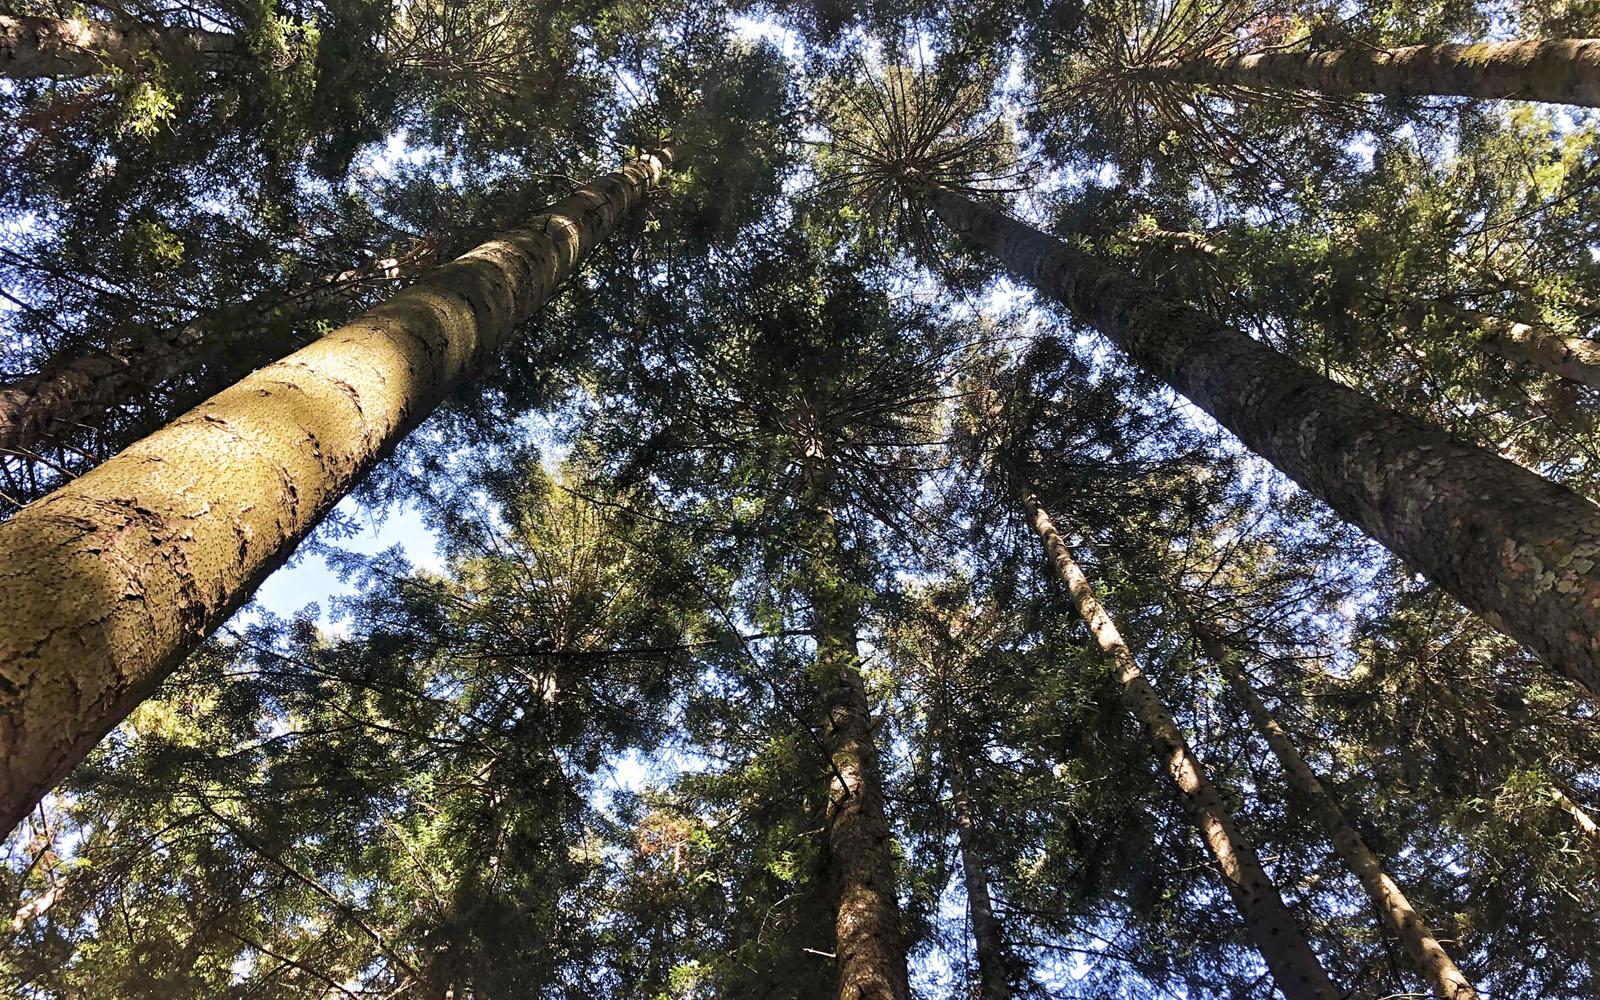 Uno scorcio del Parco Foreste Casentinesi Nazionale. © oltreilbalcone